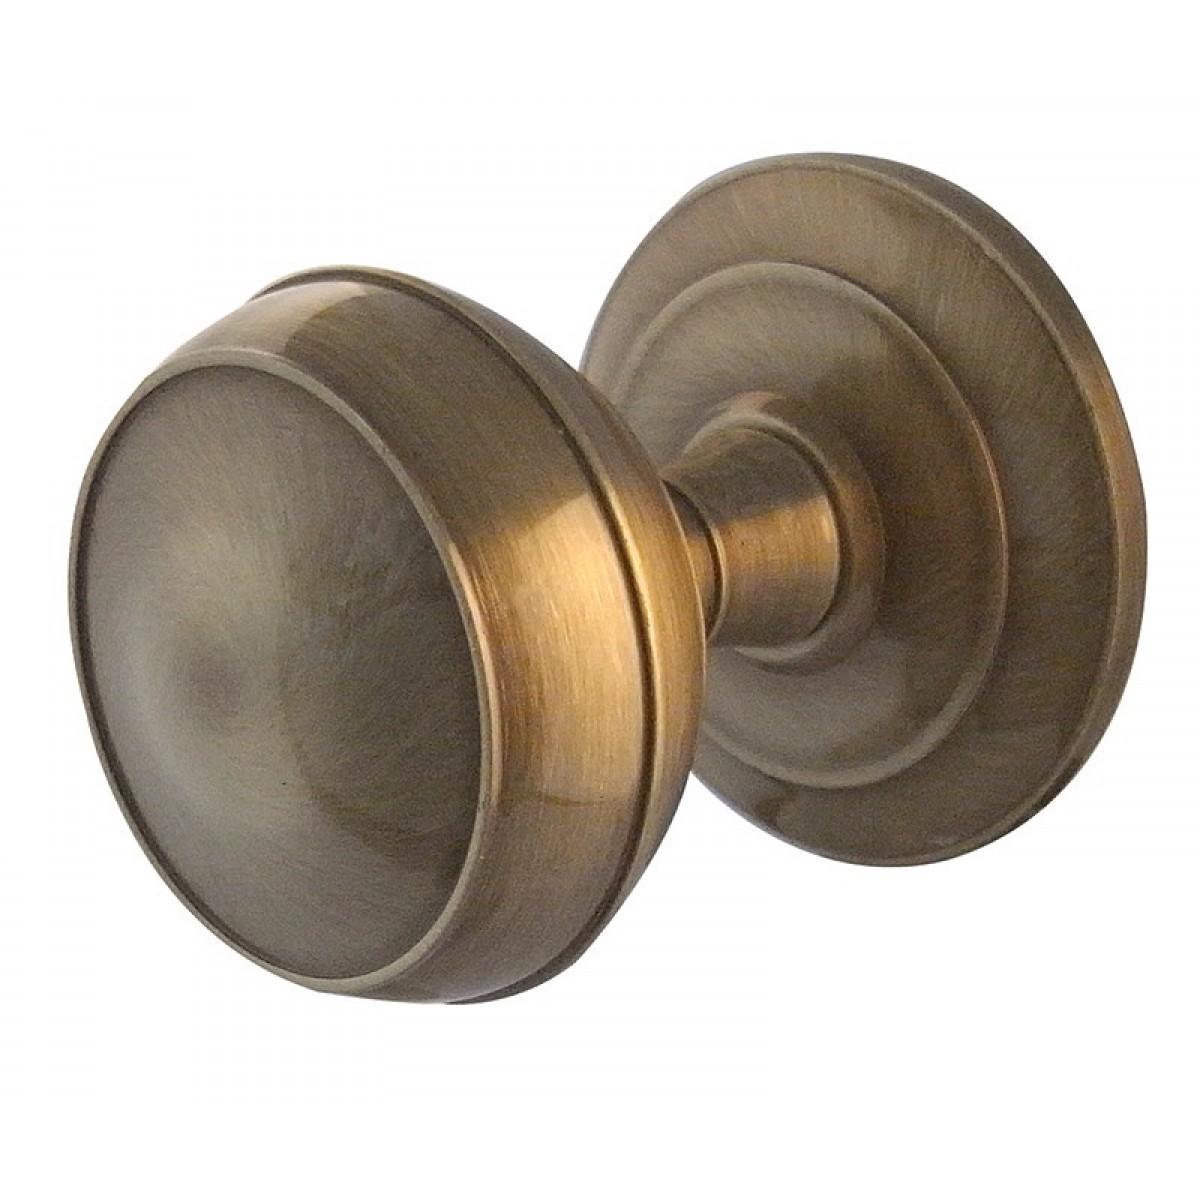 metal door knob photo - 4